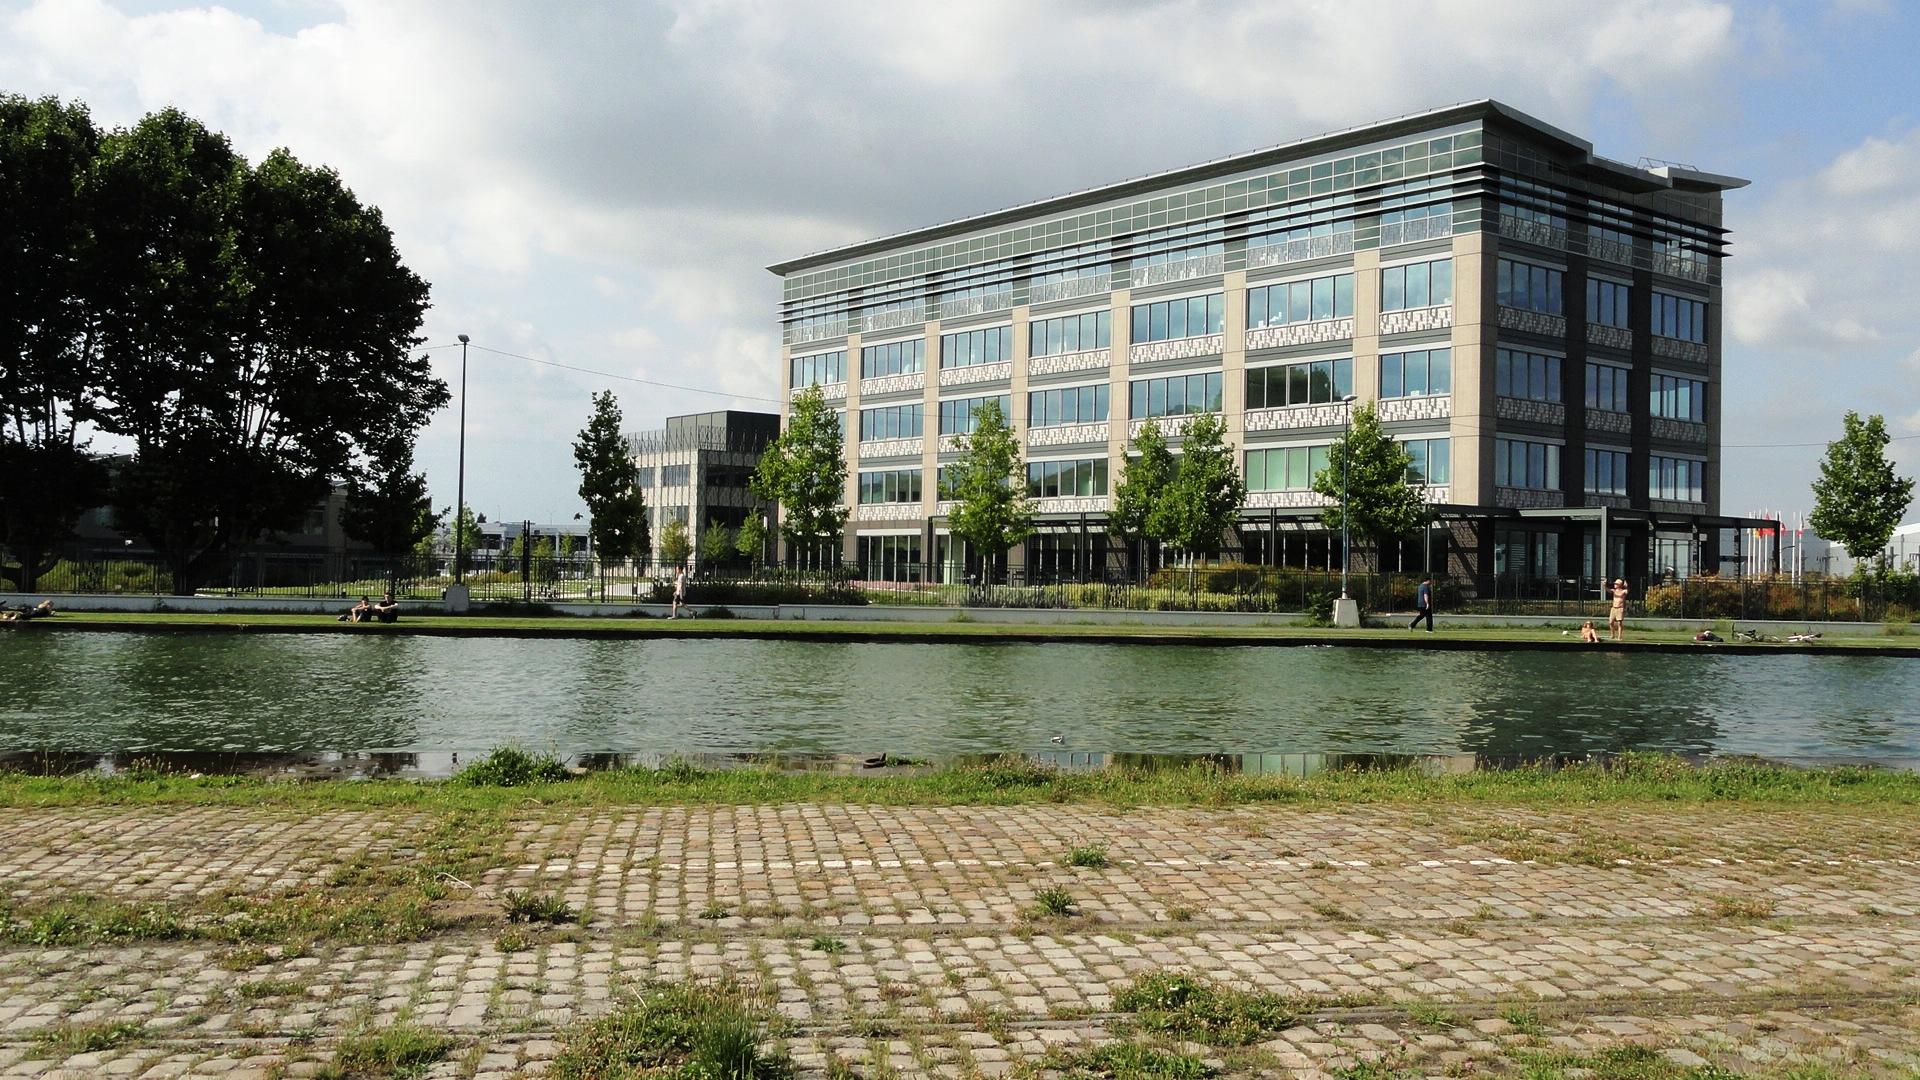 Canal de l'Ourcq - Pantin